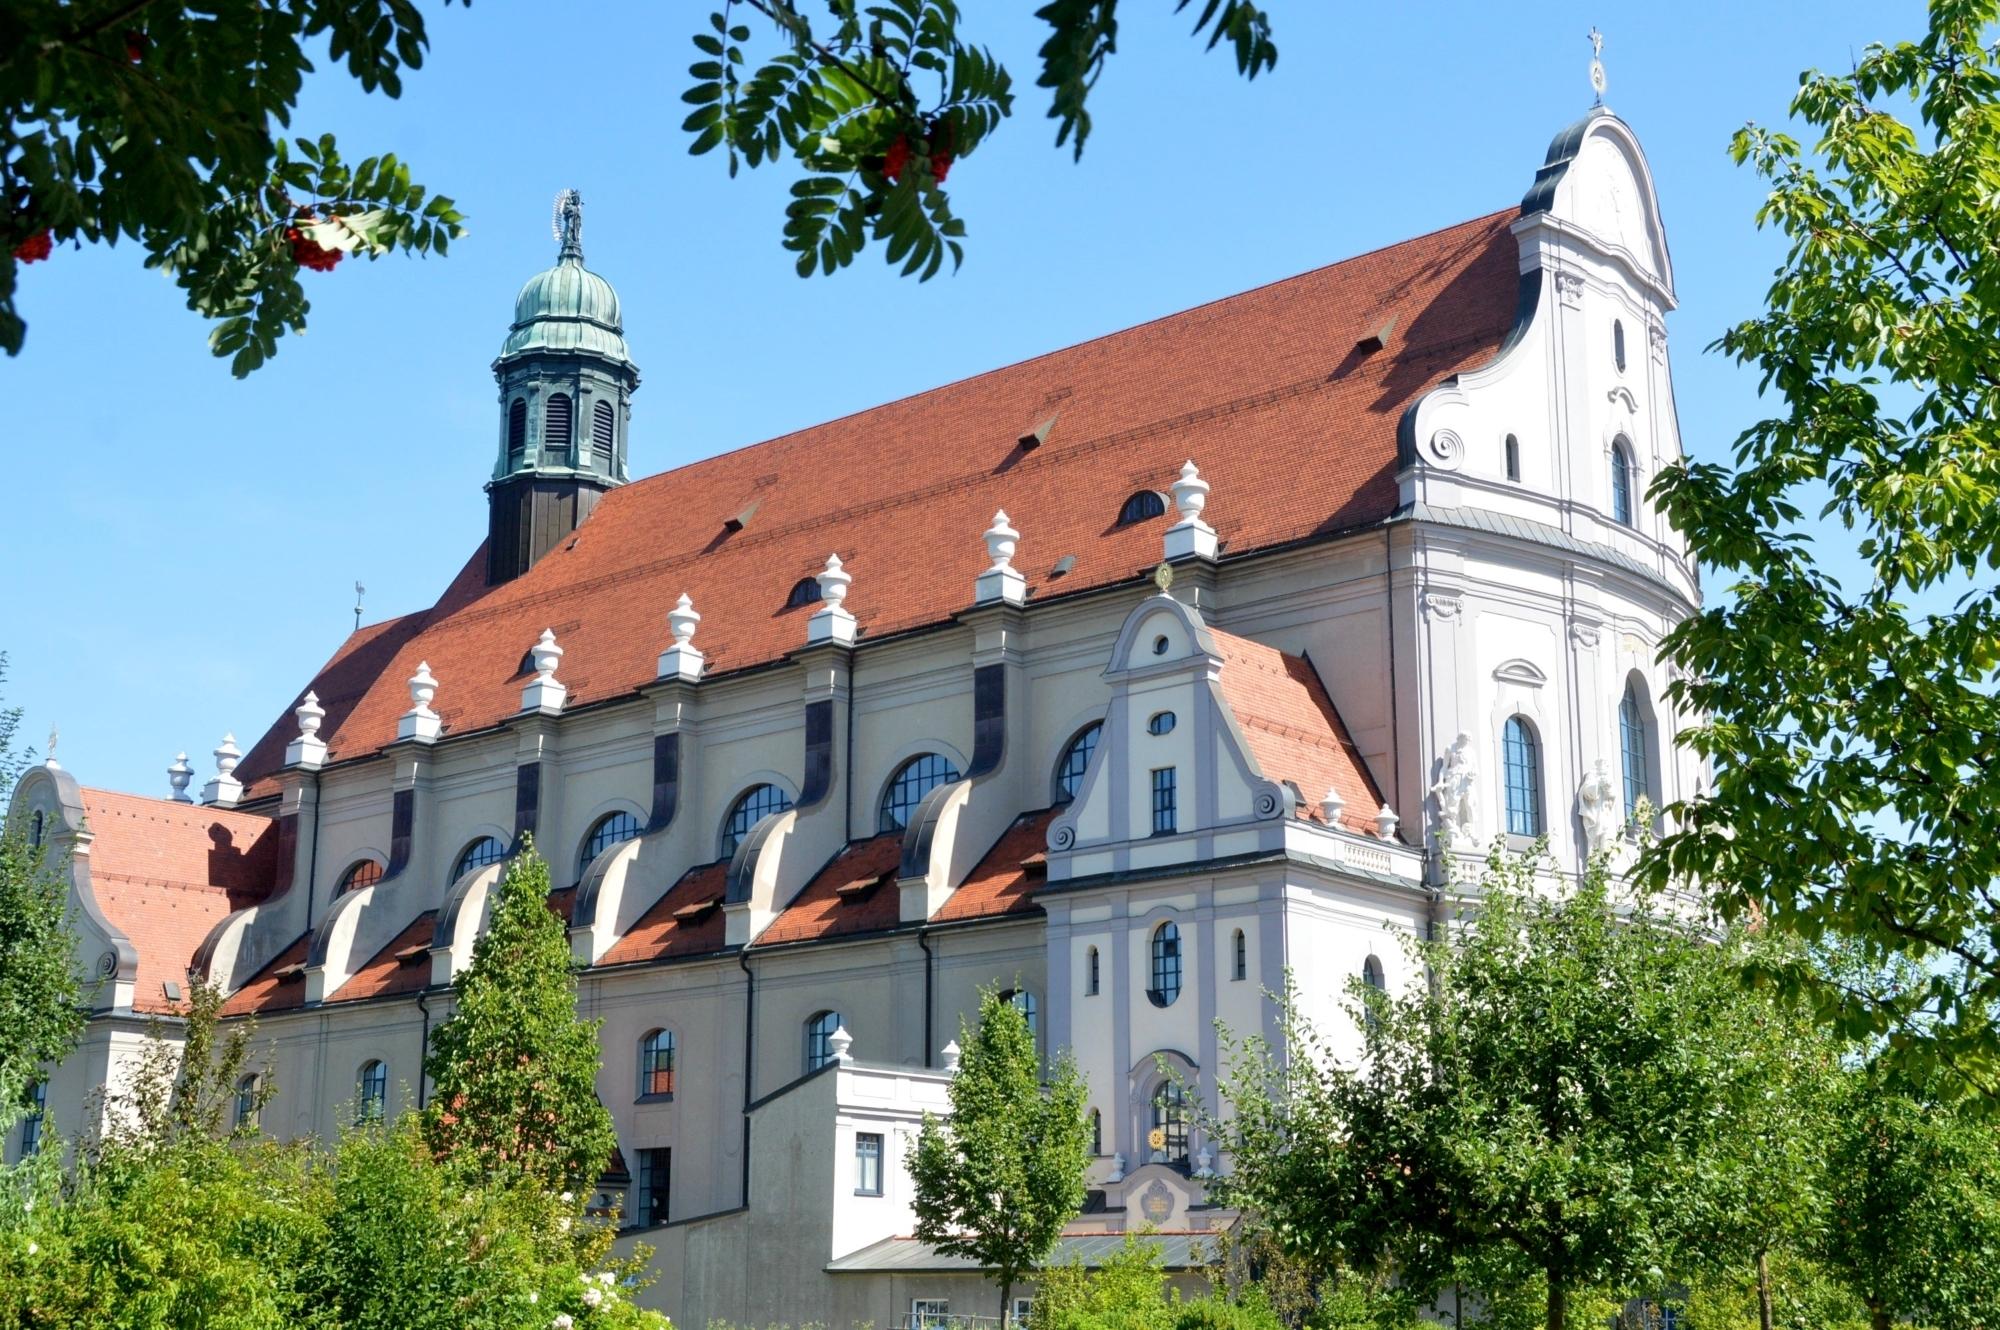 Basilika AÖ 6 8 15 1